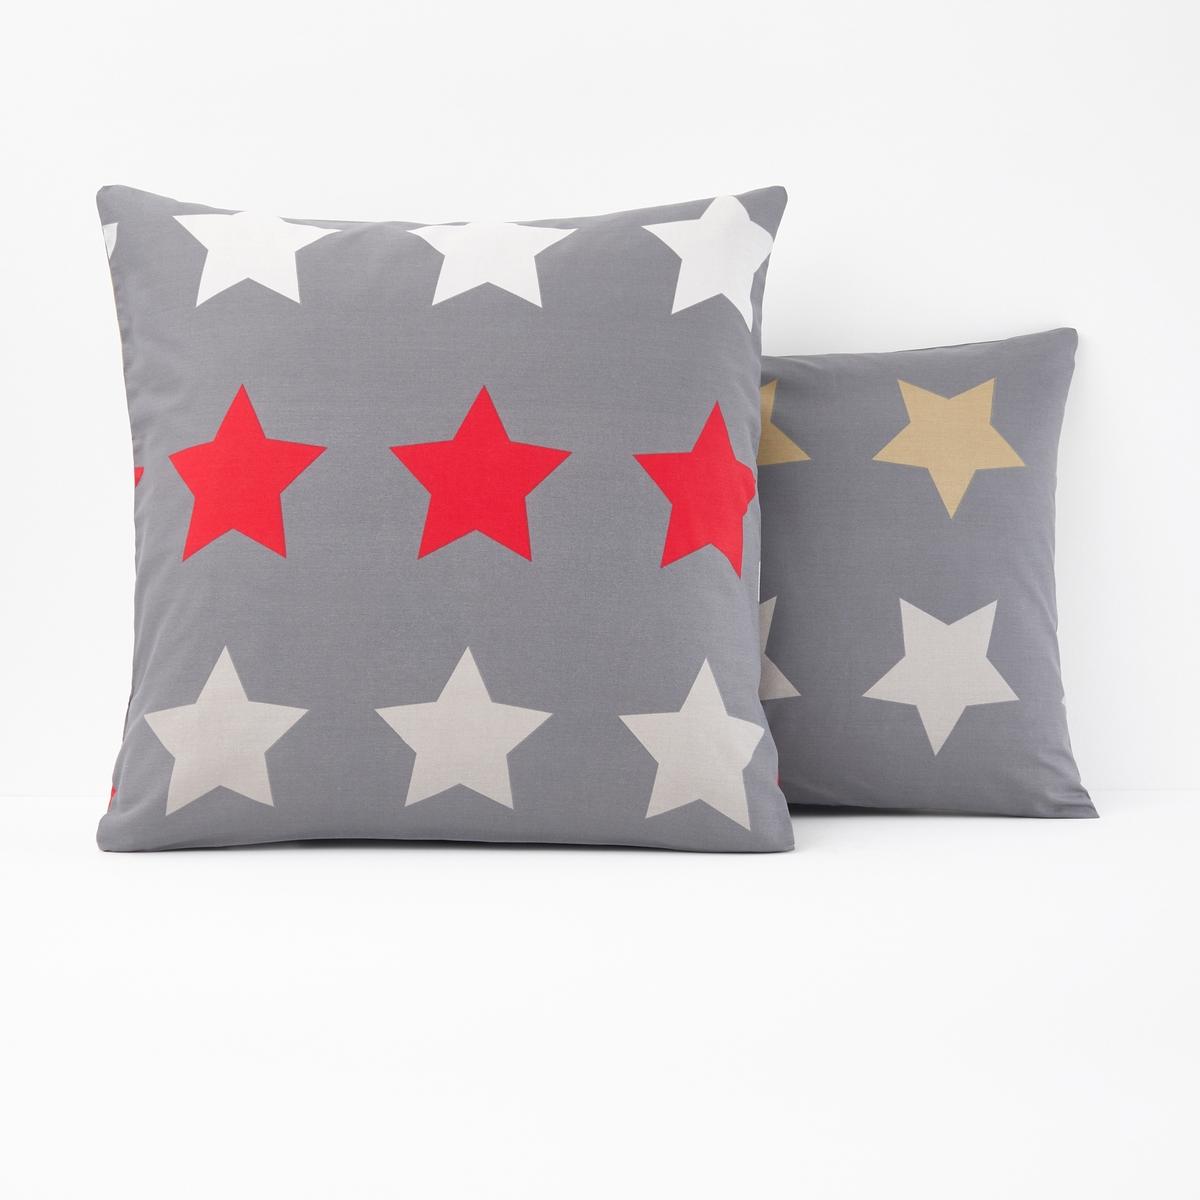 Наволочка с рисунком, STARS, anthraciteХарактеристики наволочки Stars anthracite :Квадратная наволочка в форме мешка : рисунок звезды на темно-сером фоне на лицевой и оборотной сторонах. 100% хлопок, 52 нитей/см? : чем больше нитей/см?, тем выше качество материала.Машинная стирка при 60 °С.Всю коллекцию постельного белья Stars anthracite вы можете найти на сайте la redoute.ru Знак Oeko-Tex® гарантирует, что товары прошли проверку и были изготовлены без применения вредных для здоровья человека веществ. Размер на выбор :63 x 63 см : квадратная наволочка50 x 70 см : прямоугольная наволочка<br><br>Цвет: антрацит<br>Размер: 63 x 63  см